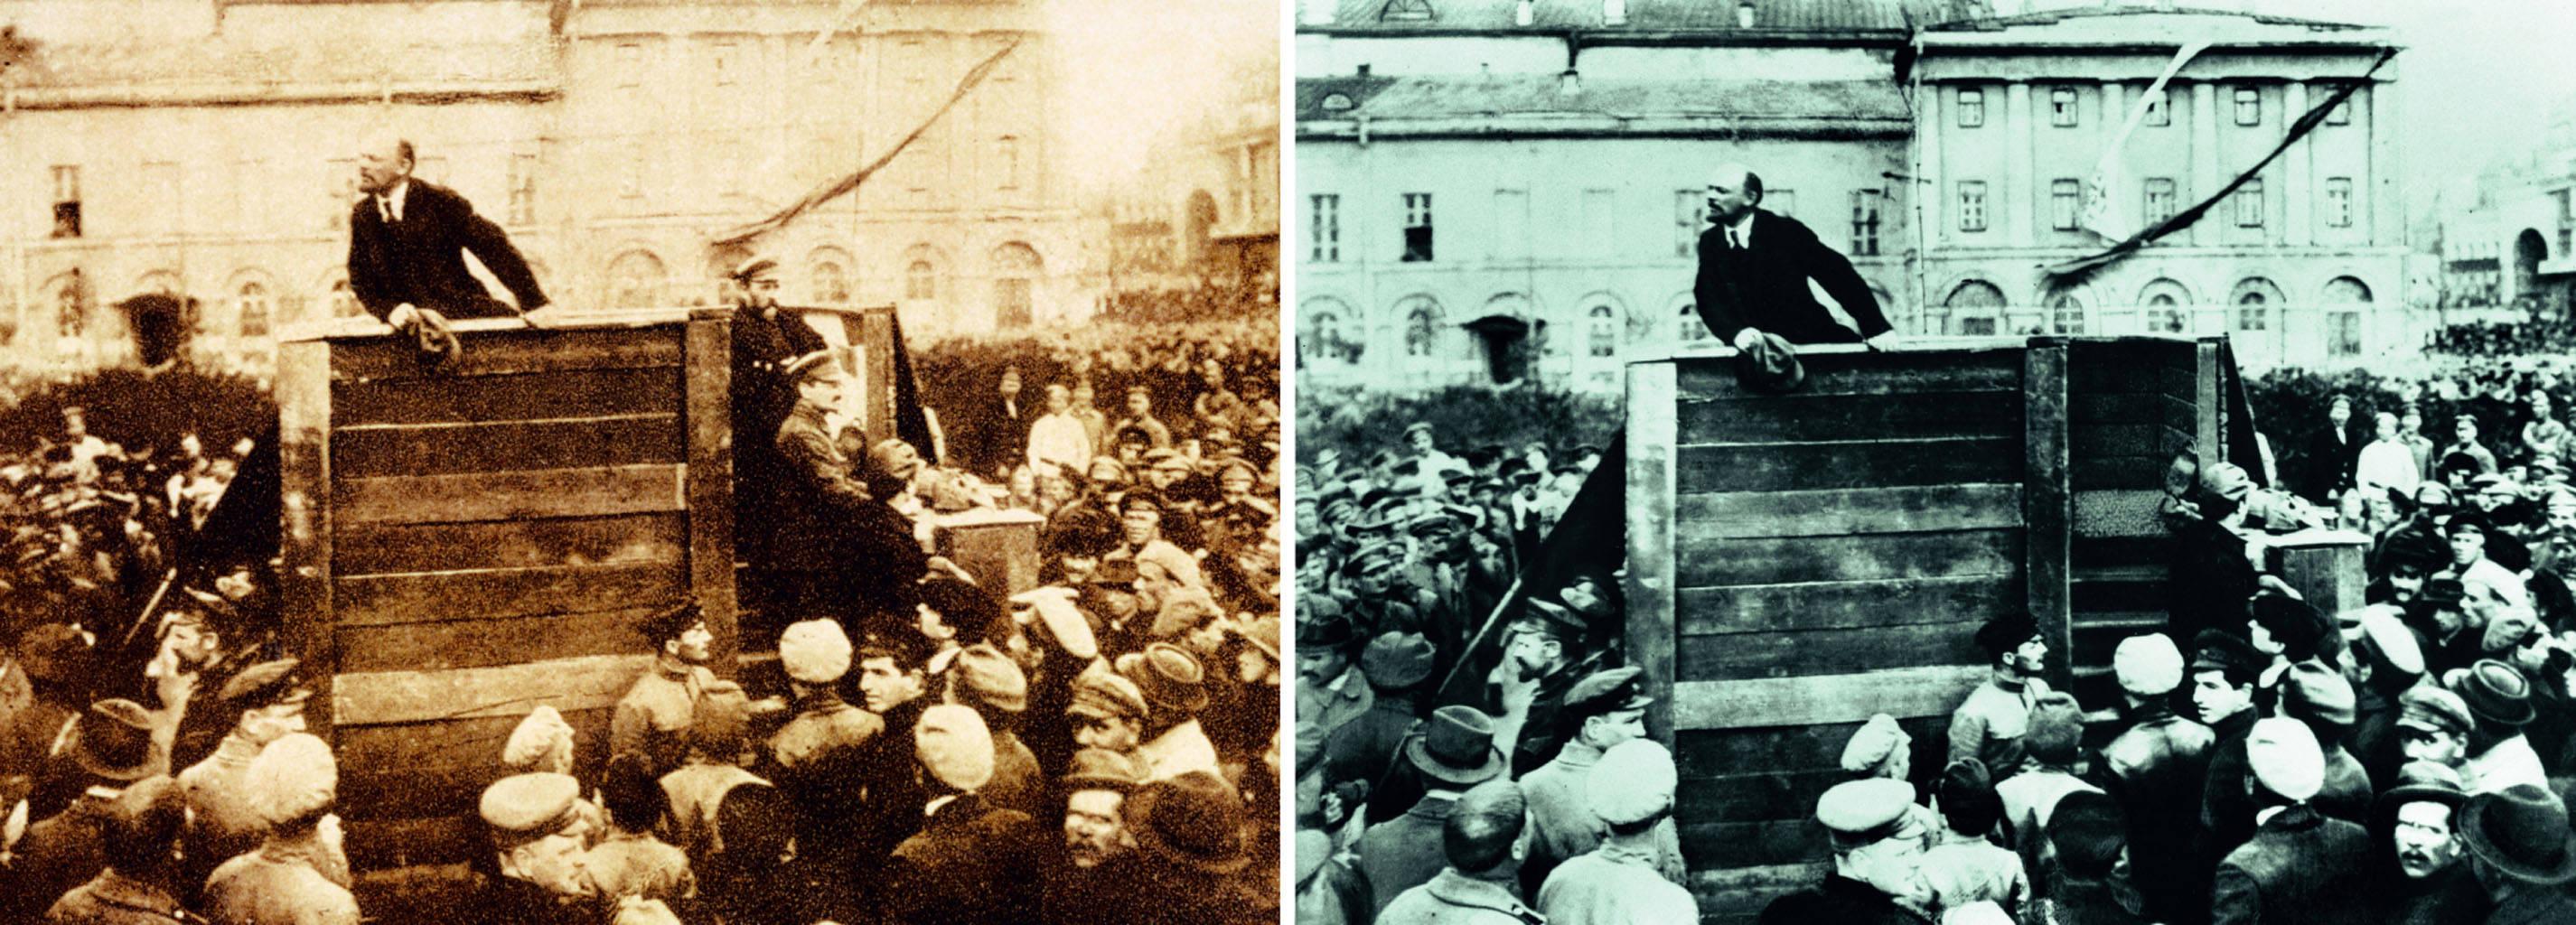 1920 hielt Lenin eine Rede in Moskau. Leo Trotzki und Lew Kamenew standen im Originalbild auf den Stufen des Podestes. Auf dem retuschierten Foto wurden beide übermalt und durch Holzstufen ersetzt. (Foto: G.P. Goldstein)